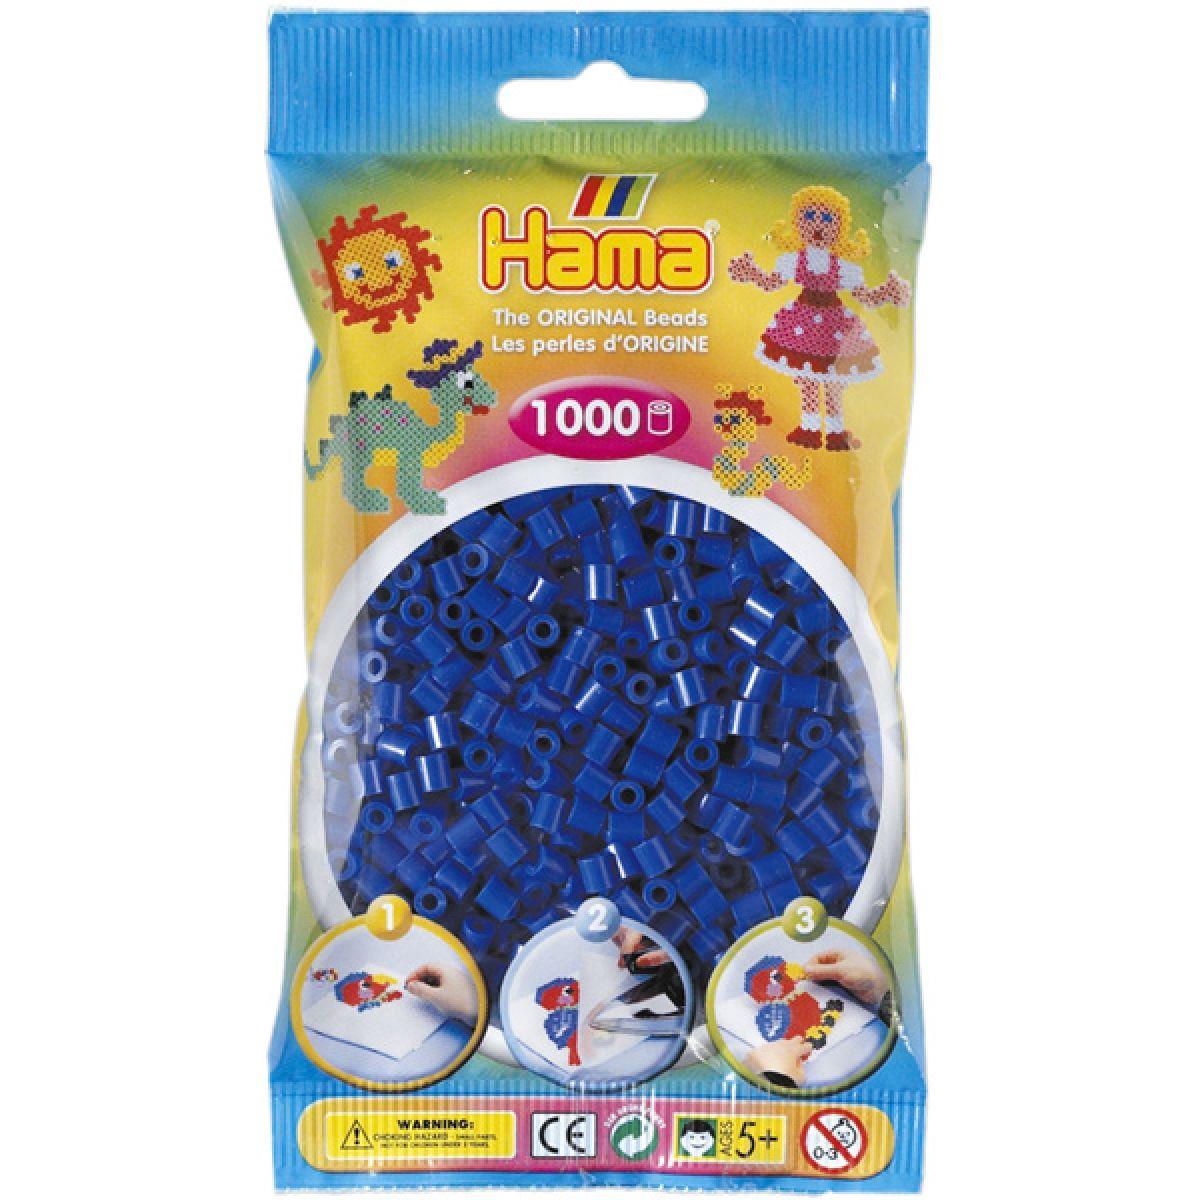 Hama H207-08 Zažehlovací korálky Midi modré 1000 ks HAMA